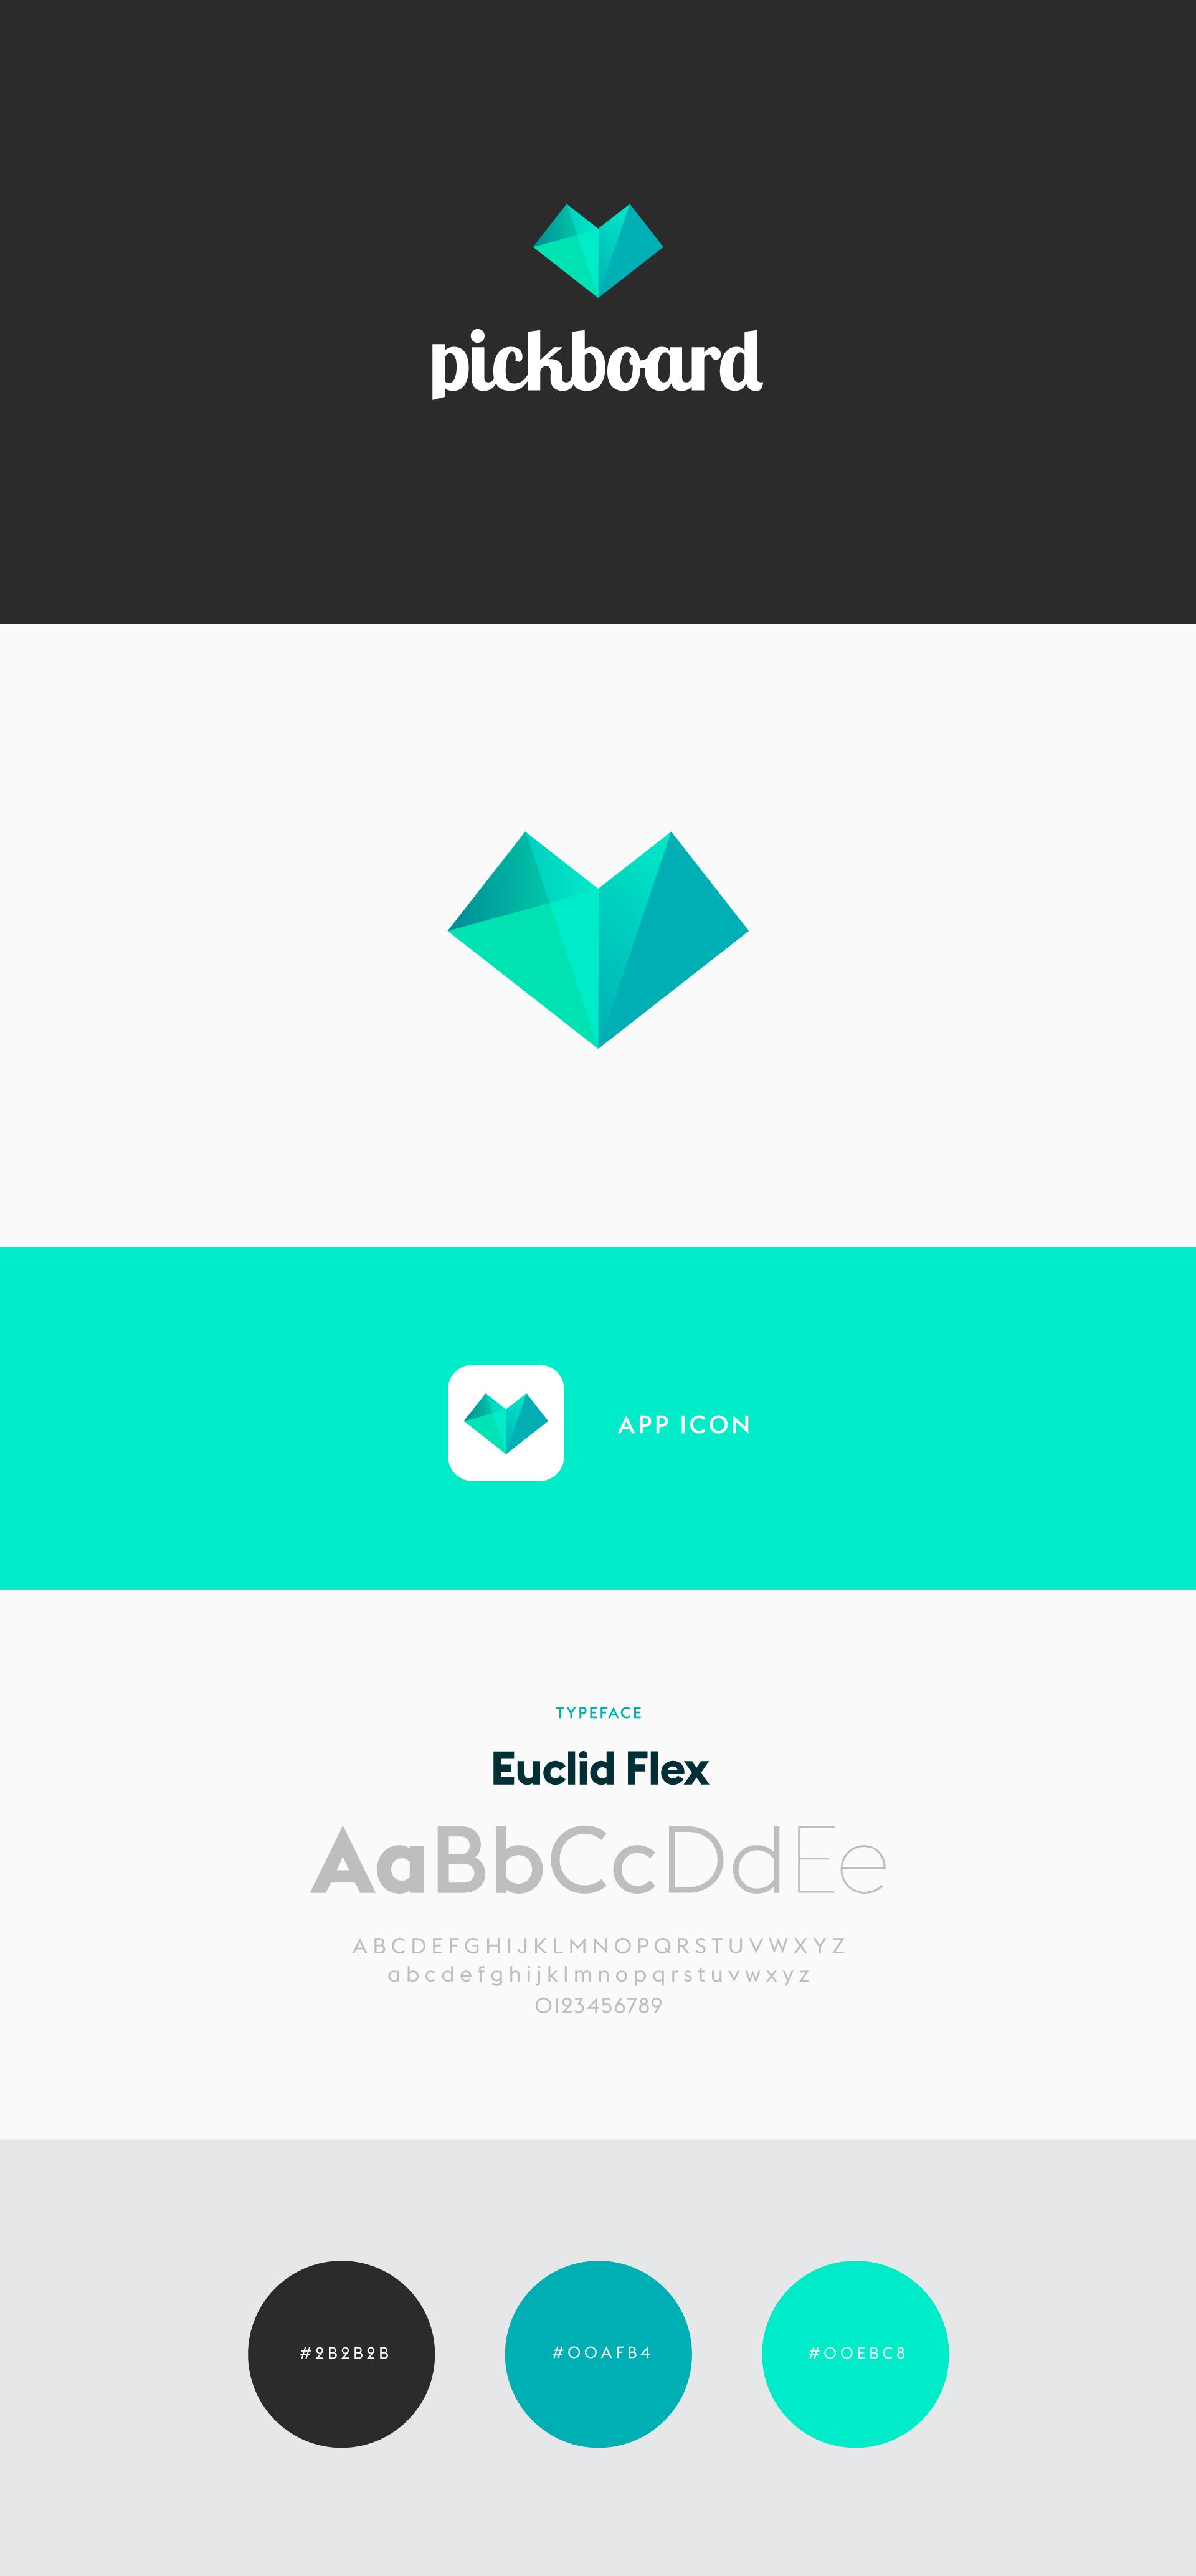 Pickboard-Logo-Design.png